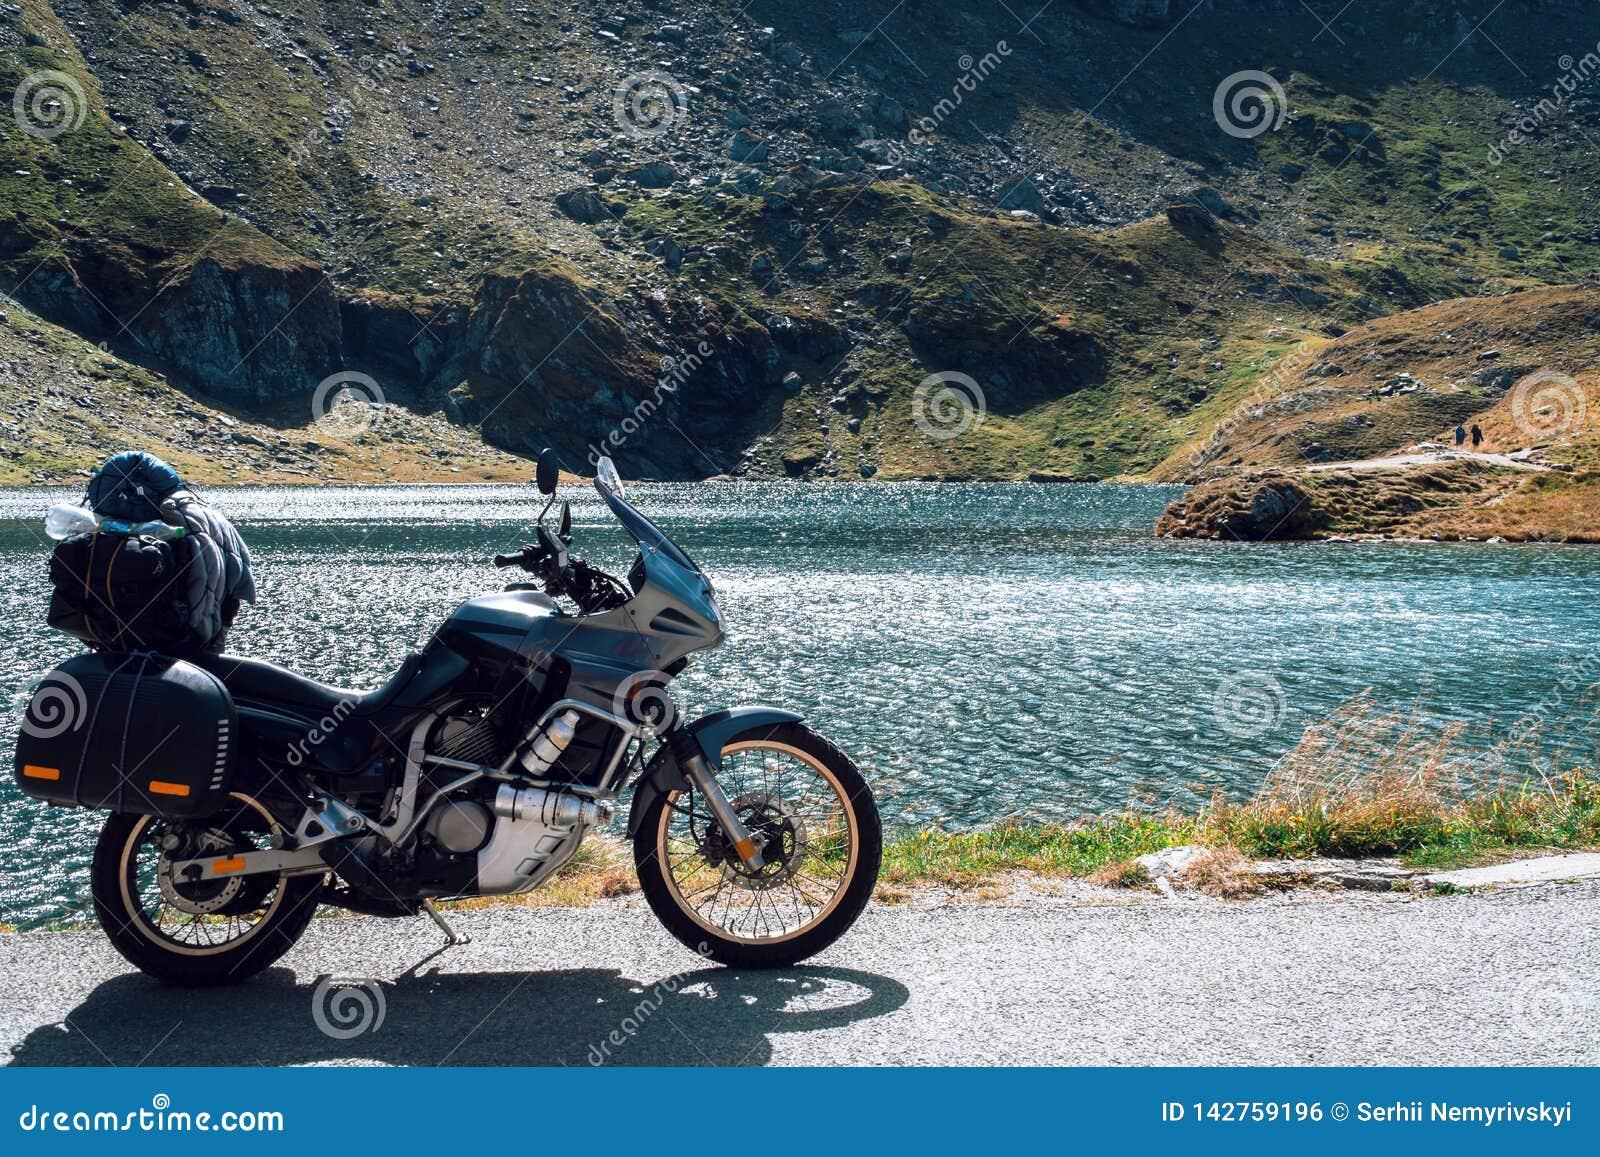 Motociclo di avventura nelle montagne di autunno della Romania Turismo di Moto e stile di vita dei viaggiatori di moto mentre Eur